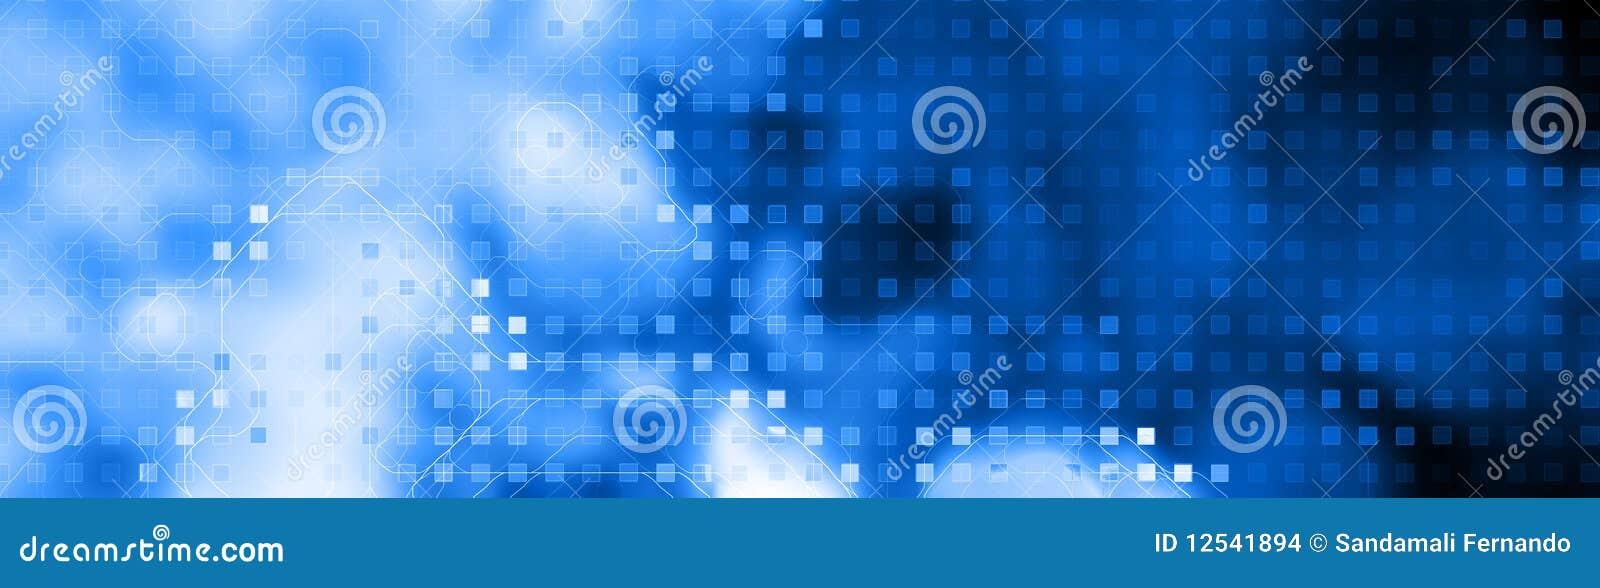 Azul de la cabecera del Web de la tecnología